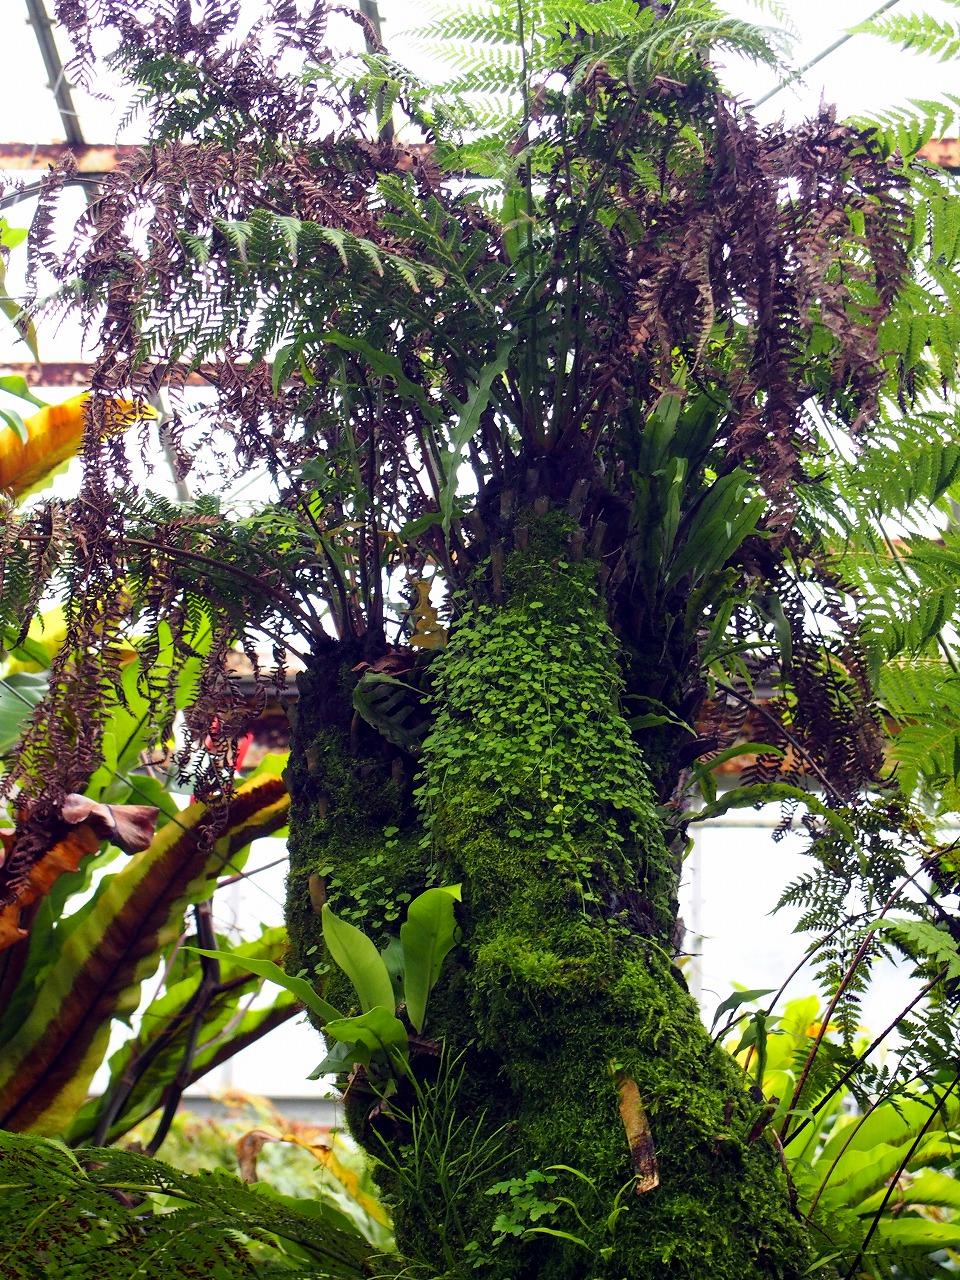 BotanicalGarden119_20141115.jpg